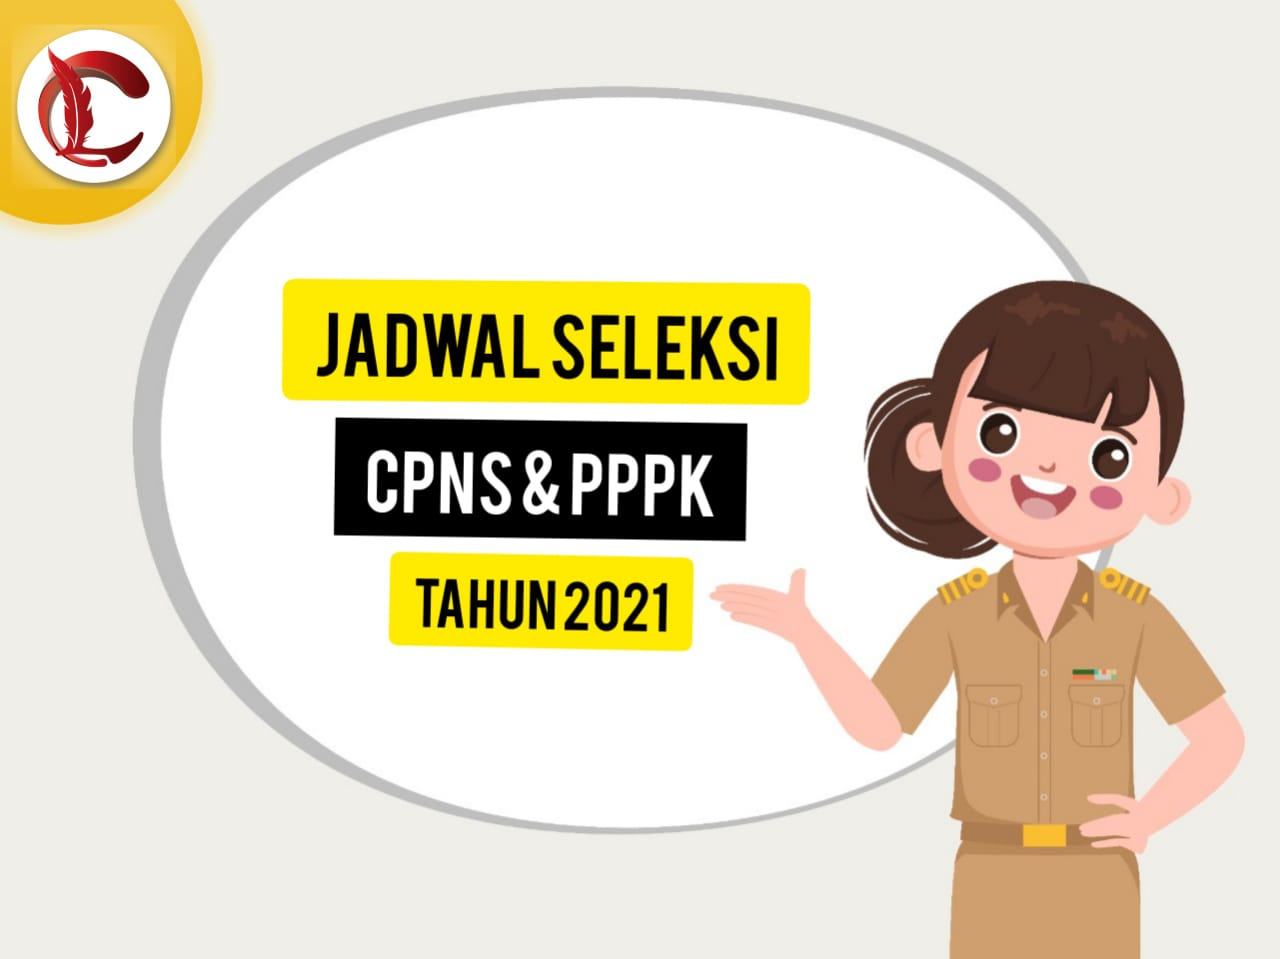 ILUSTRASI: Jadwal seleksi pendaftaran Calon Pegawai Negeri Sipil (CPNS) dan Pegawai Pemerintah dengan Perjanjian Kerja (PPPK) tahun 2021. (ISTIMEWA/LINGKAR.CO)